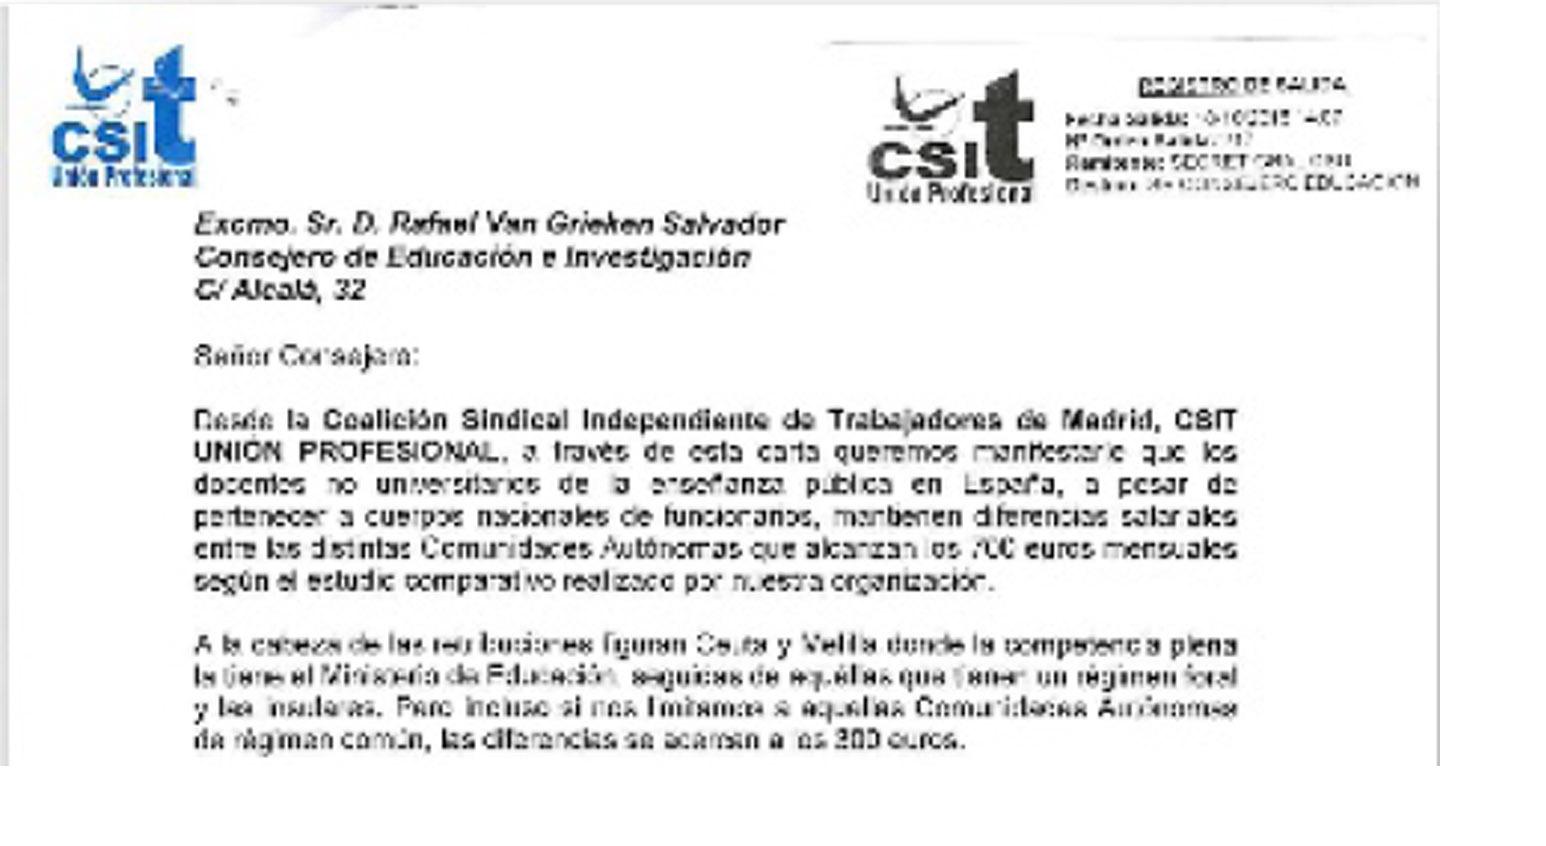 El Secretario de CSIT UNIÓN PROFESIONAL exige la equiparación salarial para los docentes no universitarios